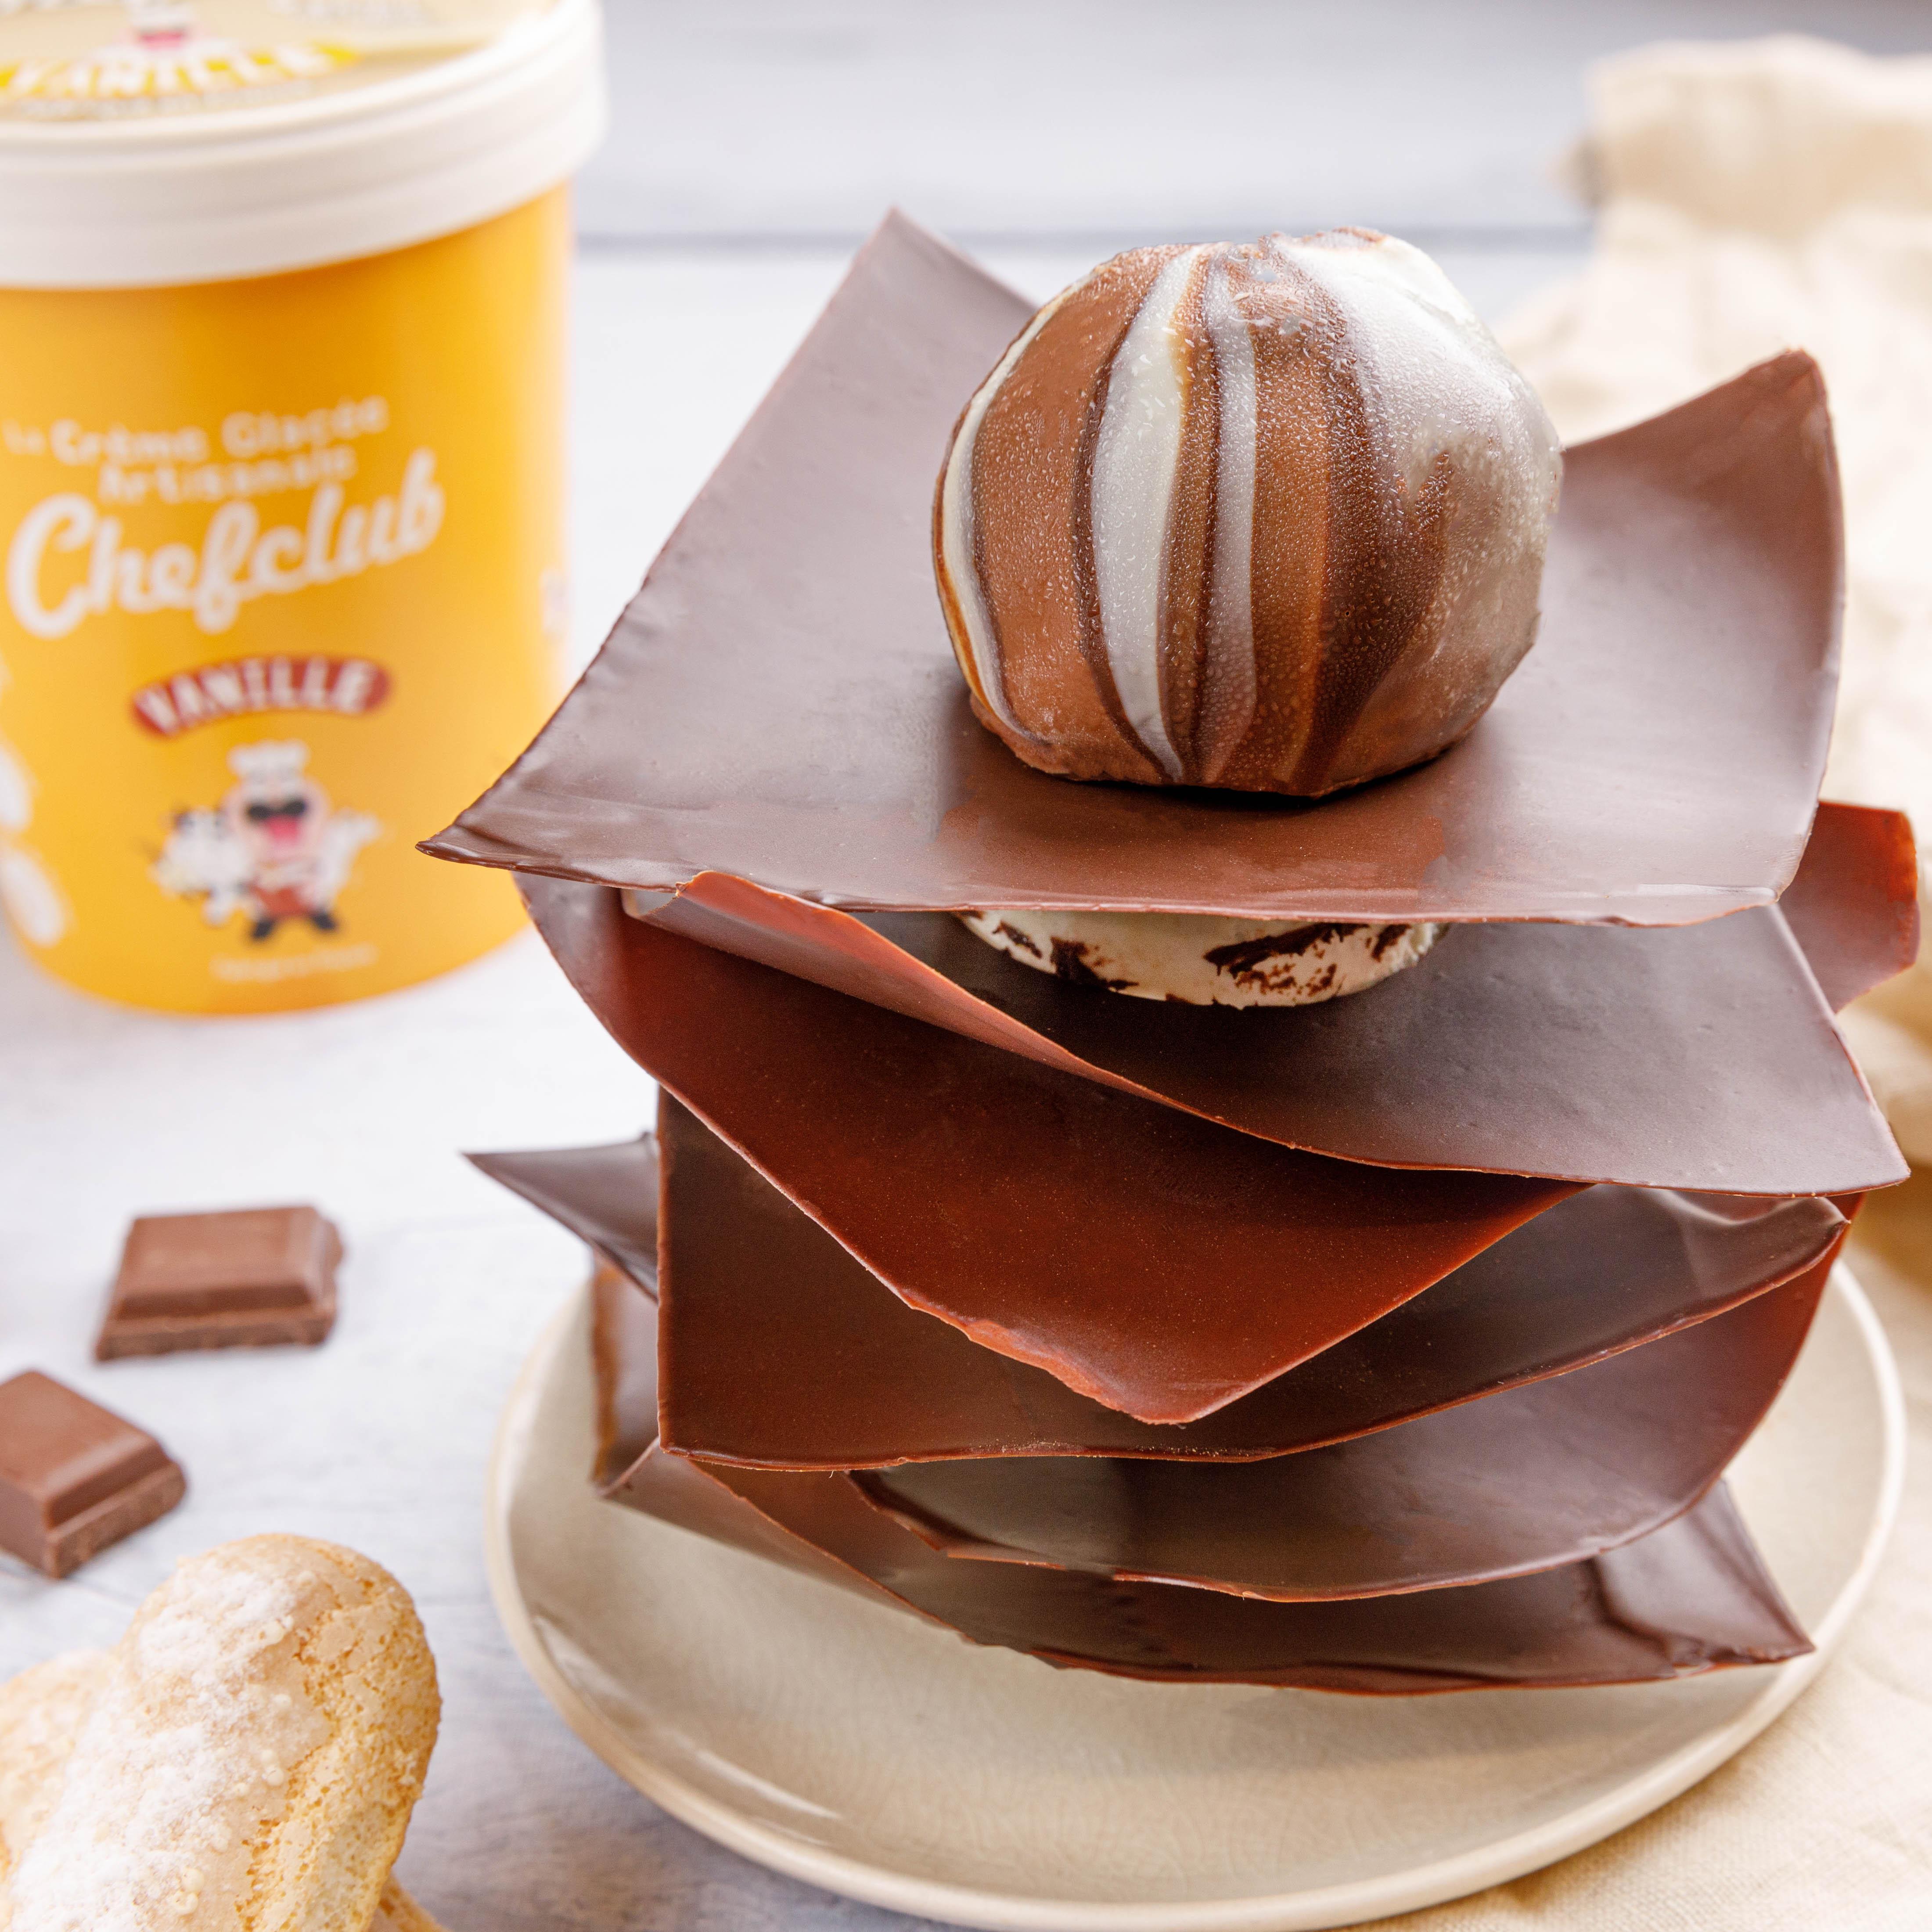 Tiramisú de chocolate!